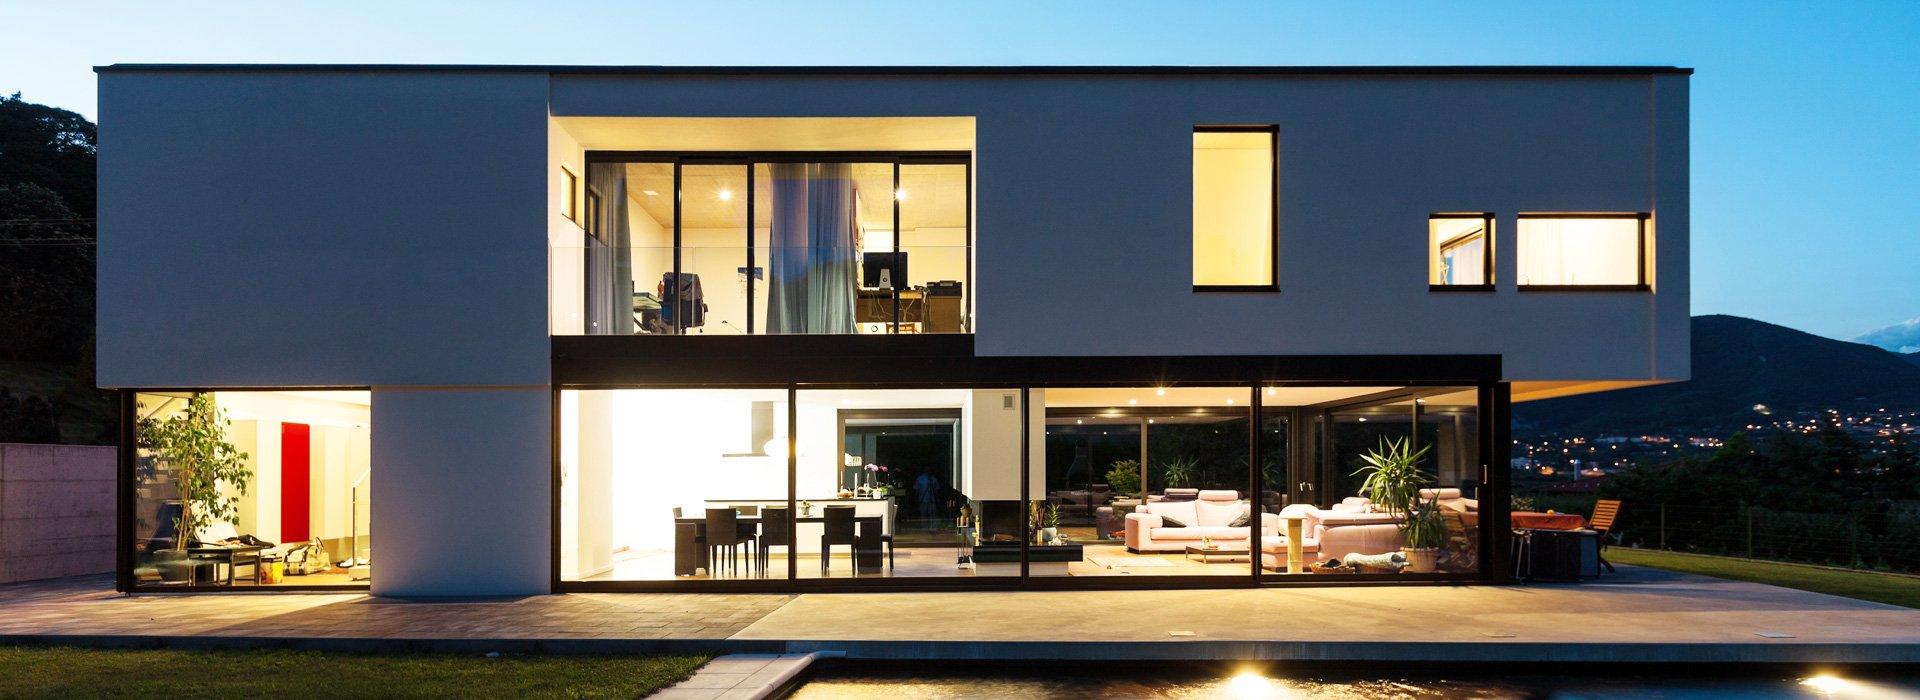 SmartHome-Haus von smartfabrik